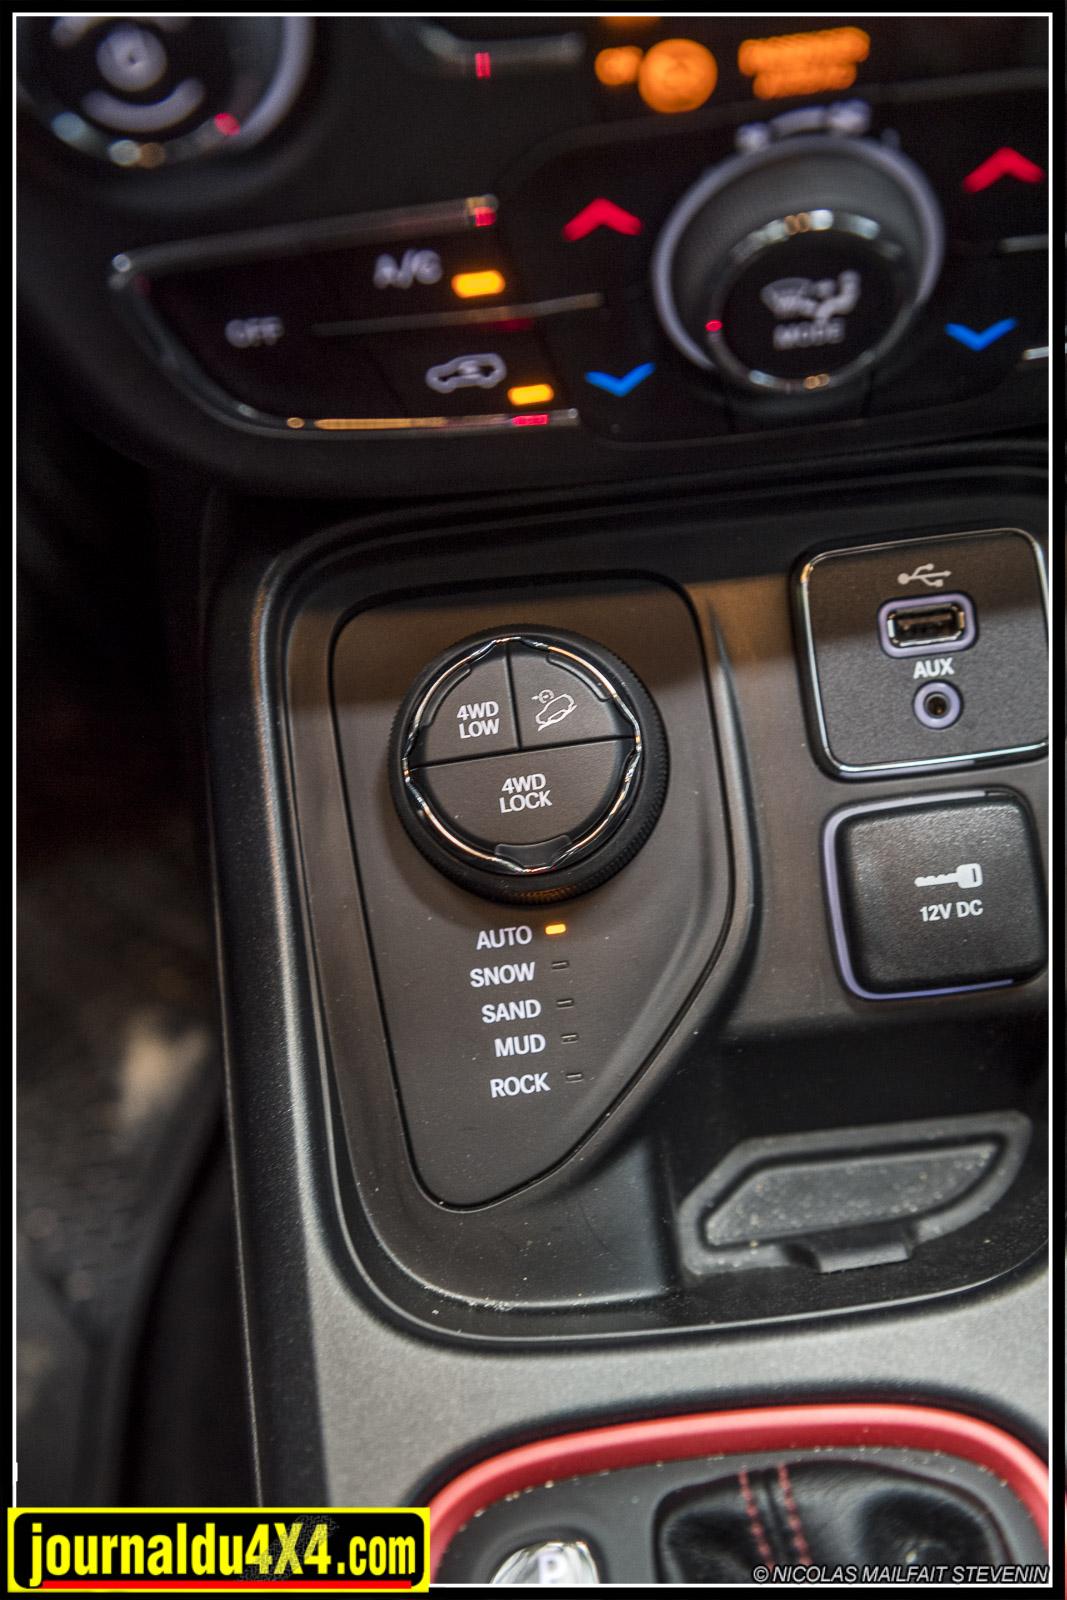 système de gestion de motricité  Jeep Active Drive Low 4x4